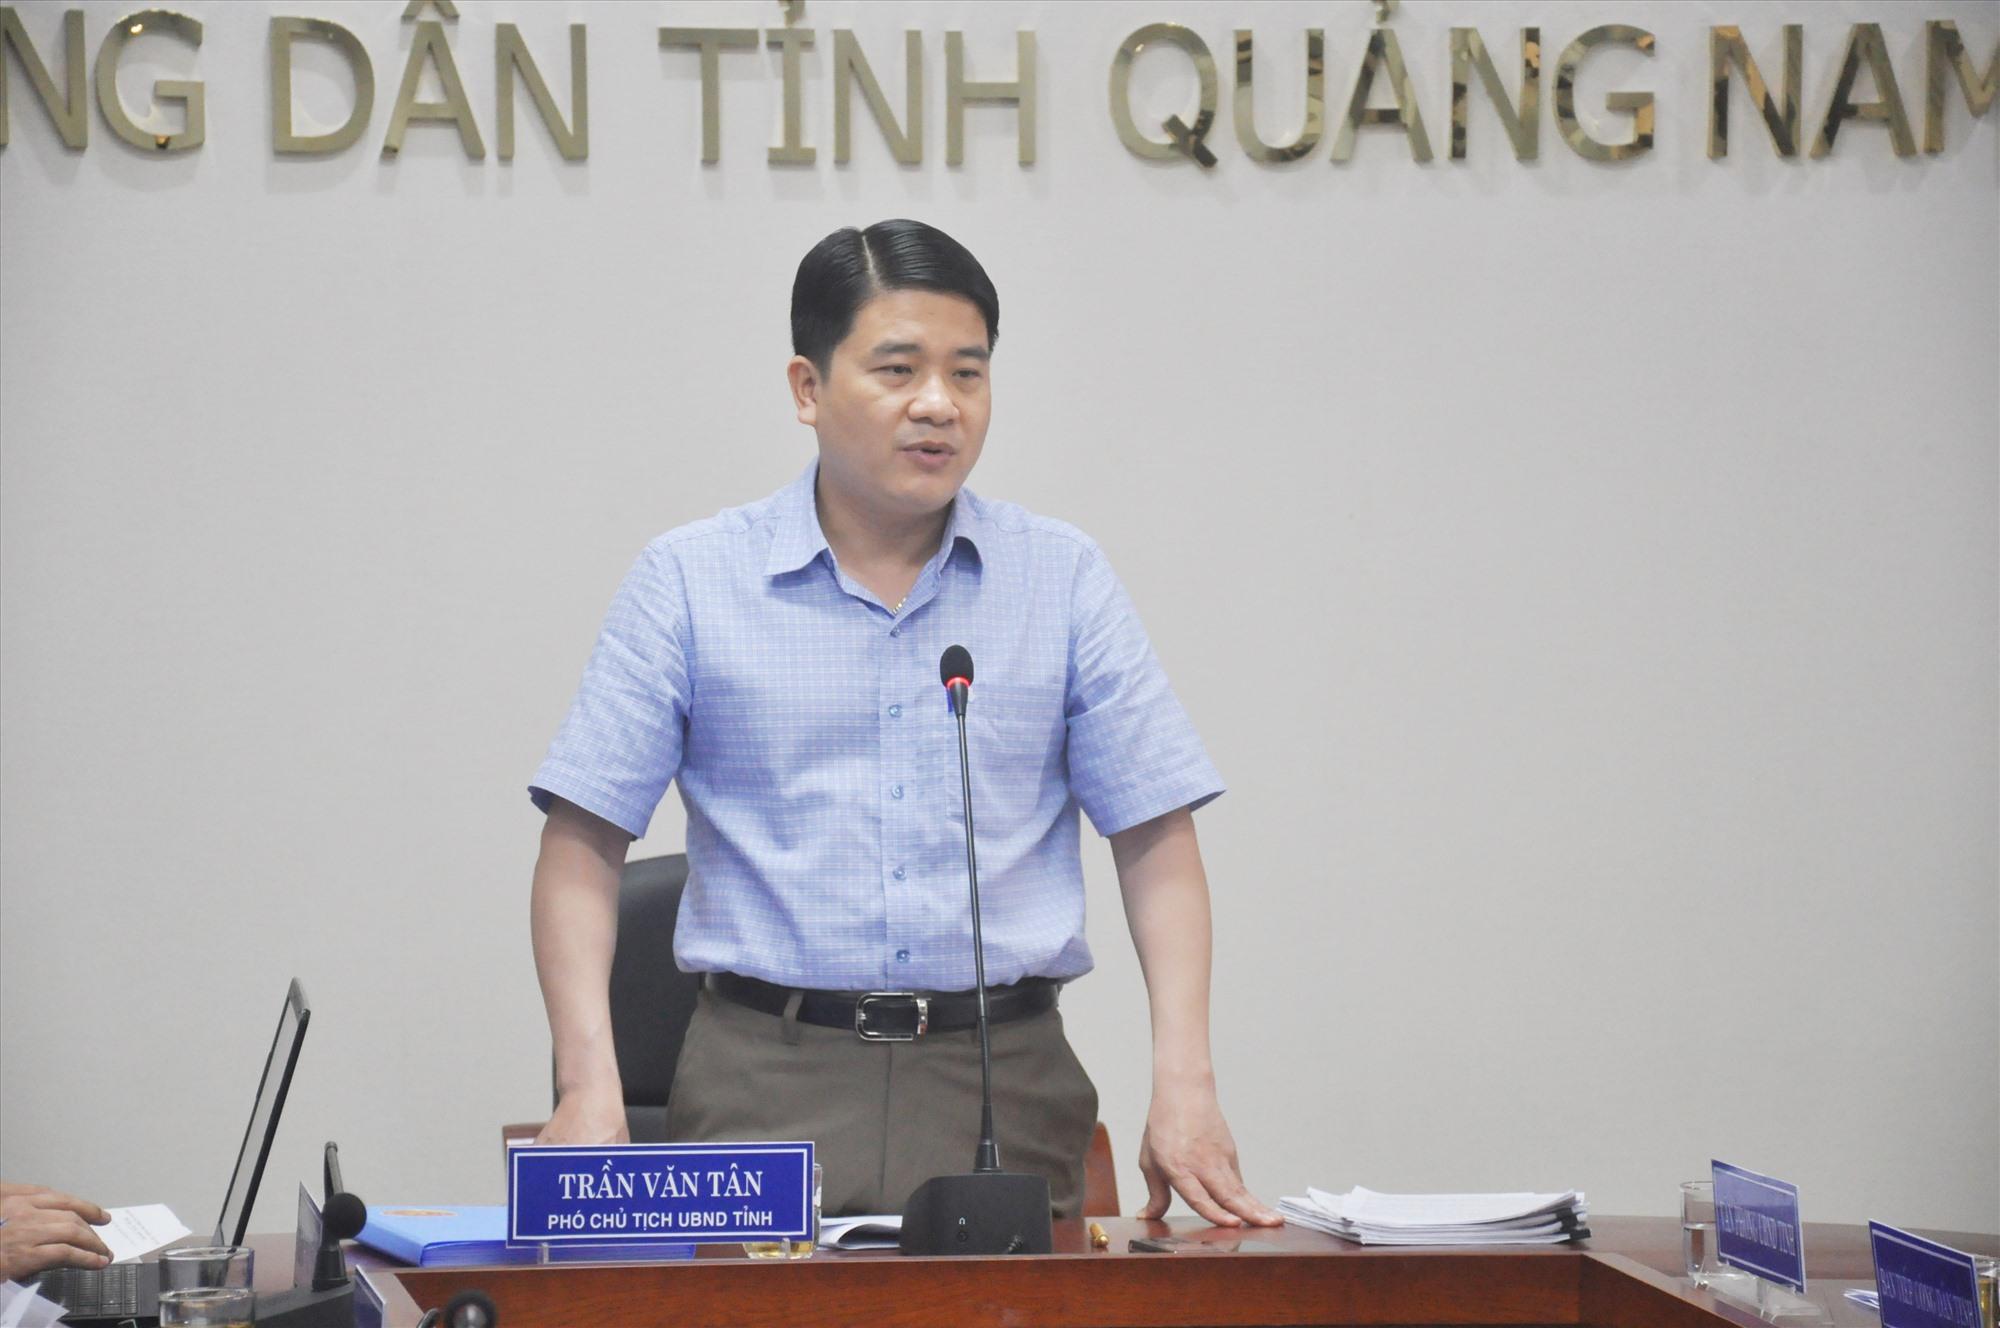 Phó Chủ tịch UBND tỉnh Trần Văn Tân chủ trì buổi tiếp dân định kỳ tháng 4.2021 của UBND tỉnh sáng 22.4. Ảnh: N.Đ